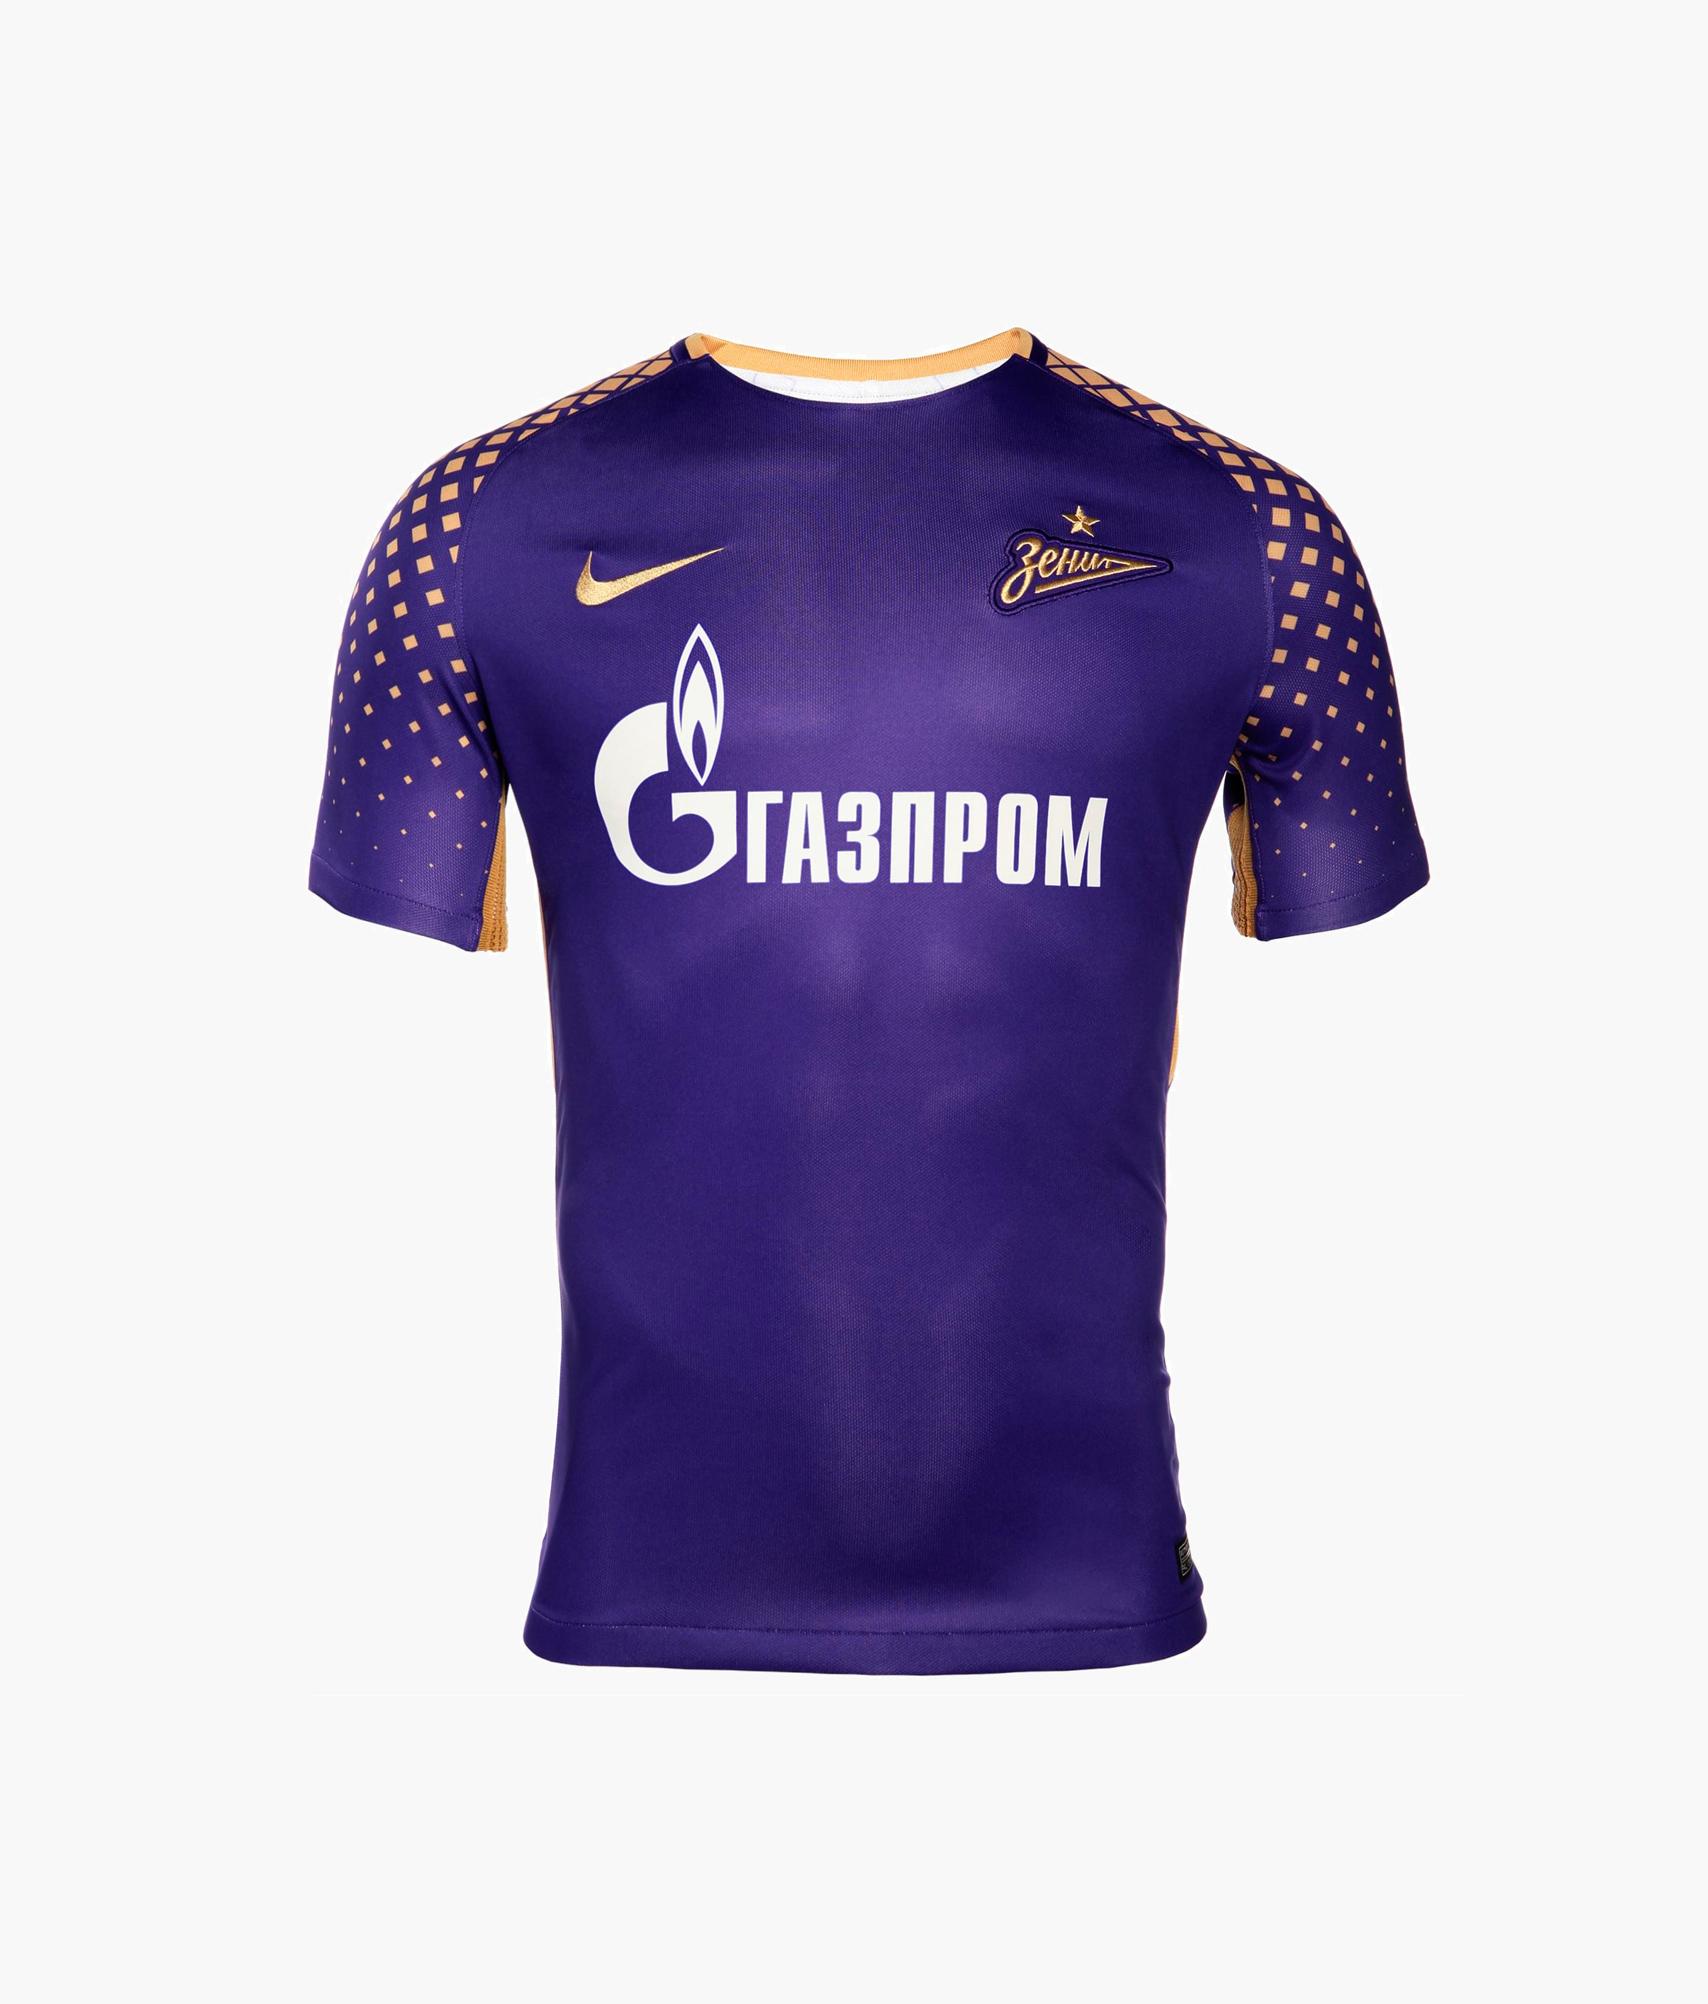 Оригинальная резервная футболка Nike сезона 2017/2018 Nike Цвет-Фиолетовый tom tailor рубашка